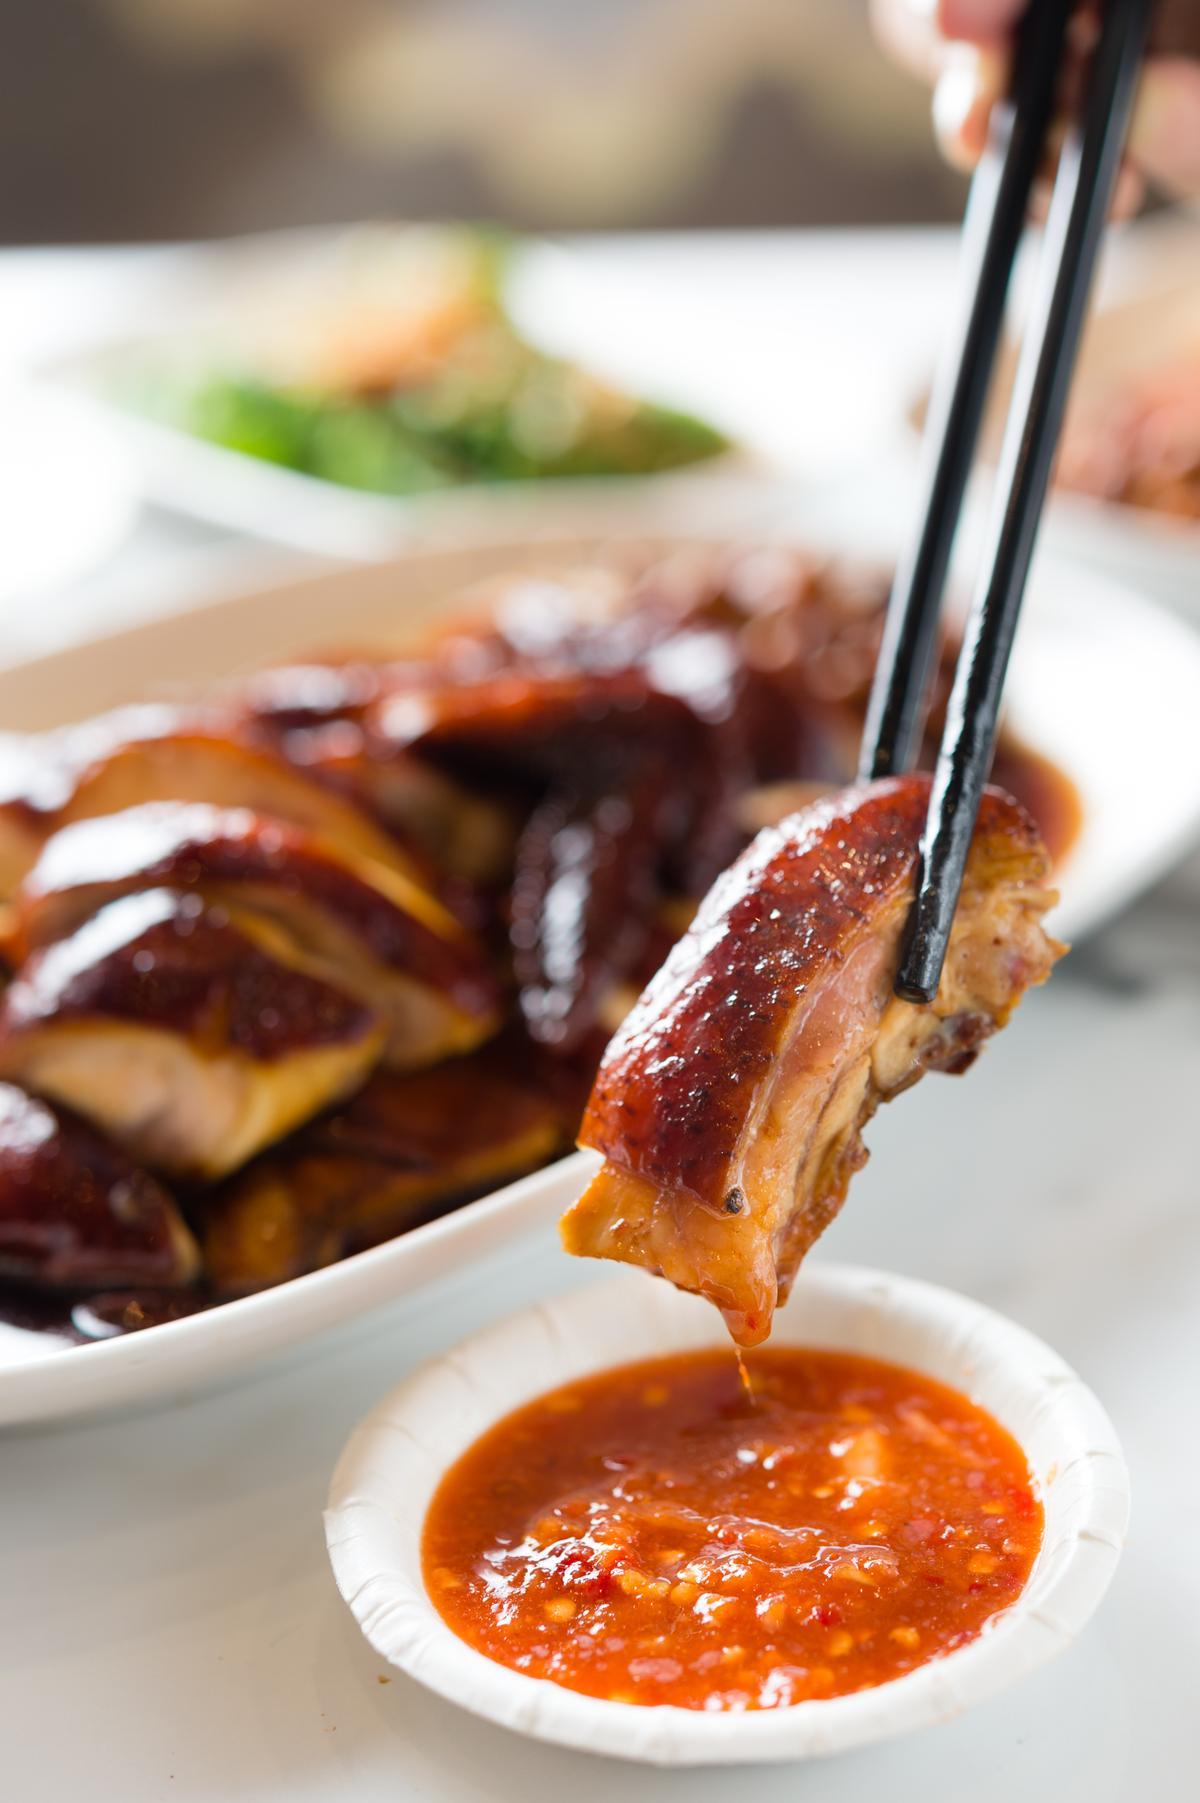 呈現焦糖色澤的「半隻雞」蘸上特製辣醬,微辣解膩。(350元/份)